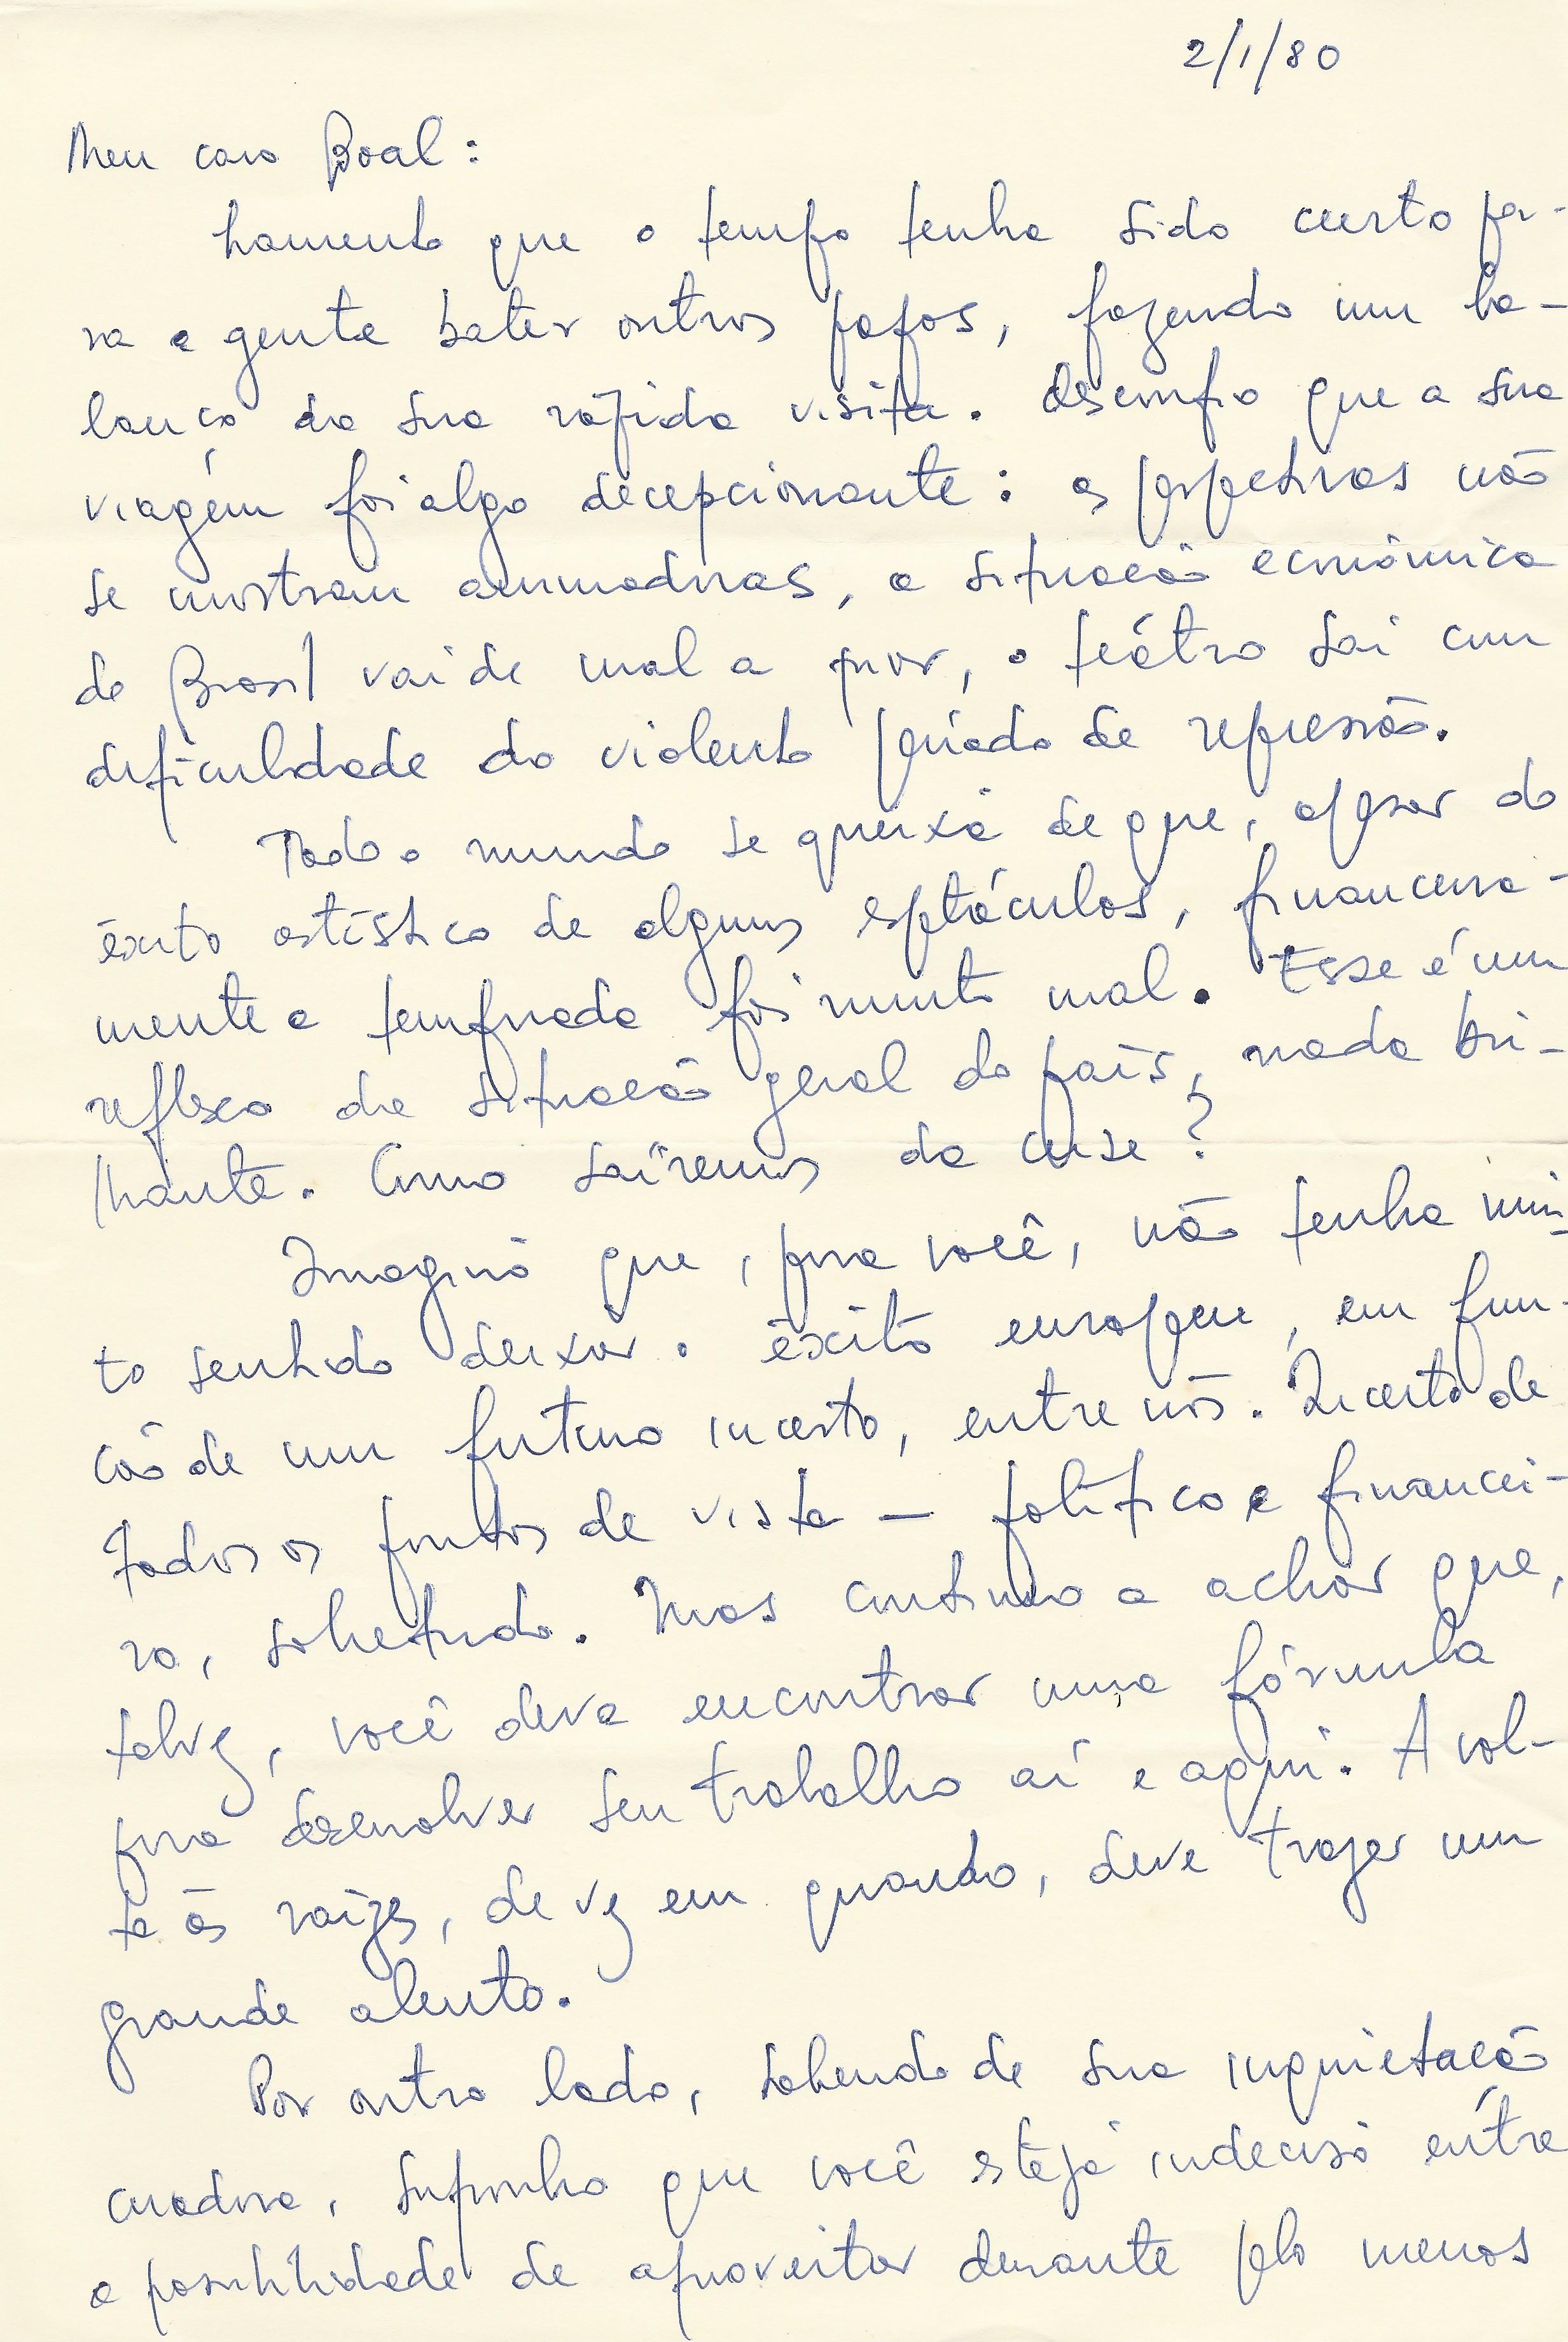 Carta Sábato Magaldi 1